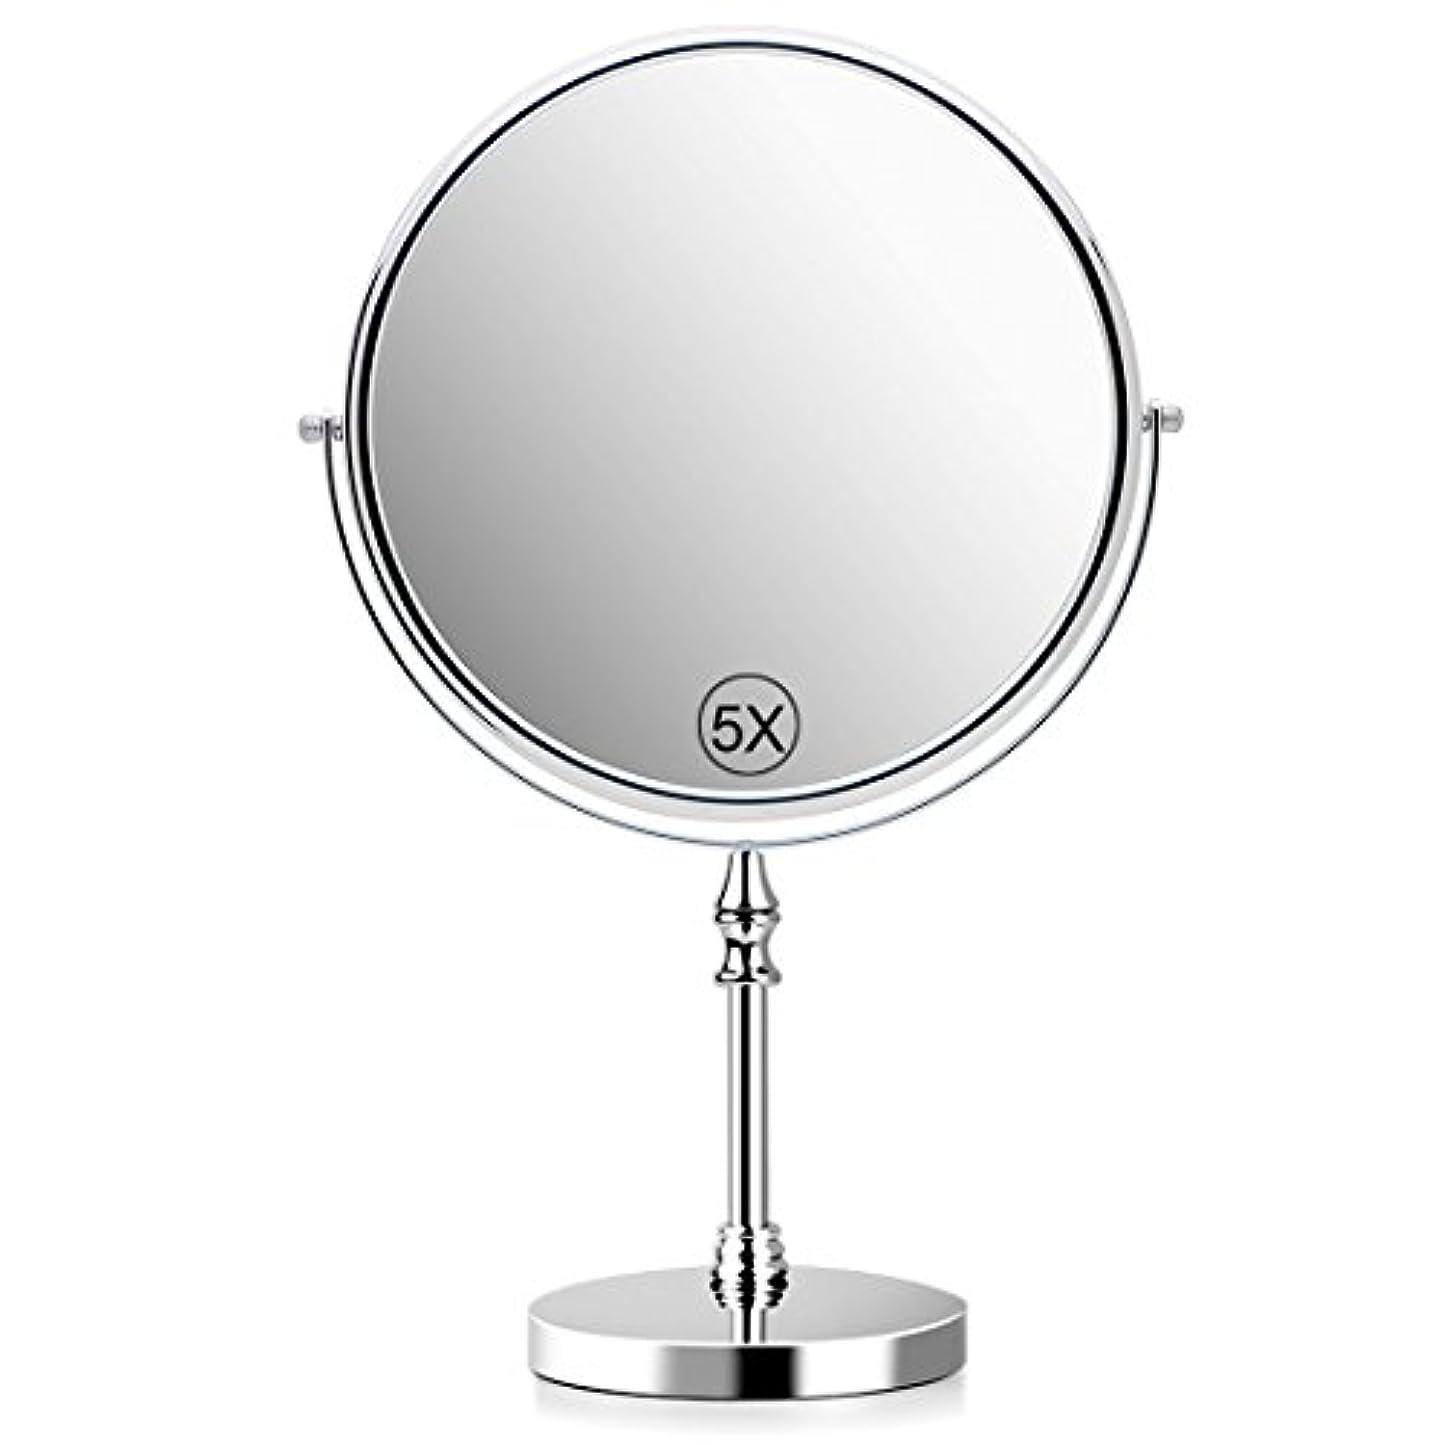 メッシュペストリーアマチュア5倍拡大鏡 化粧鏡 卓上鏡 化粧ミラー 等倍鏡 両面型 360度回転式 60度回転 直径20cm